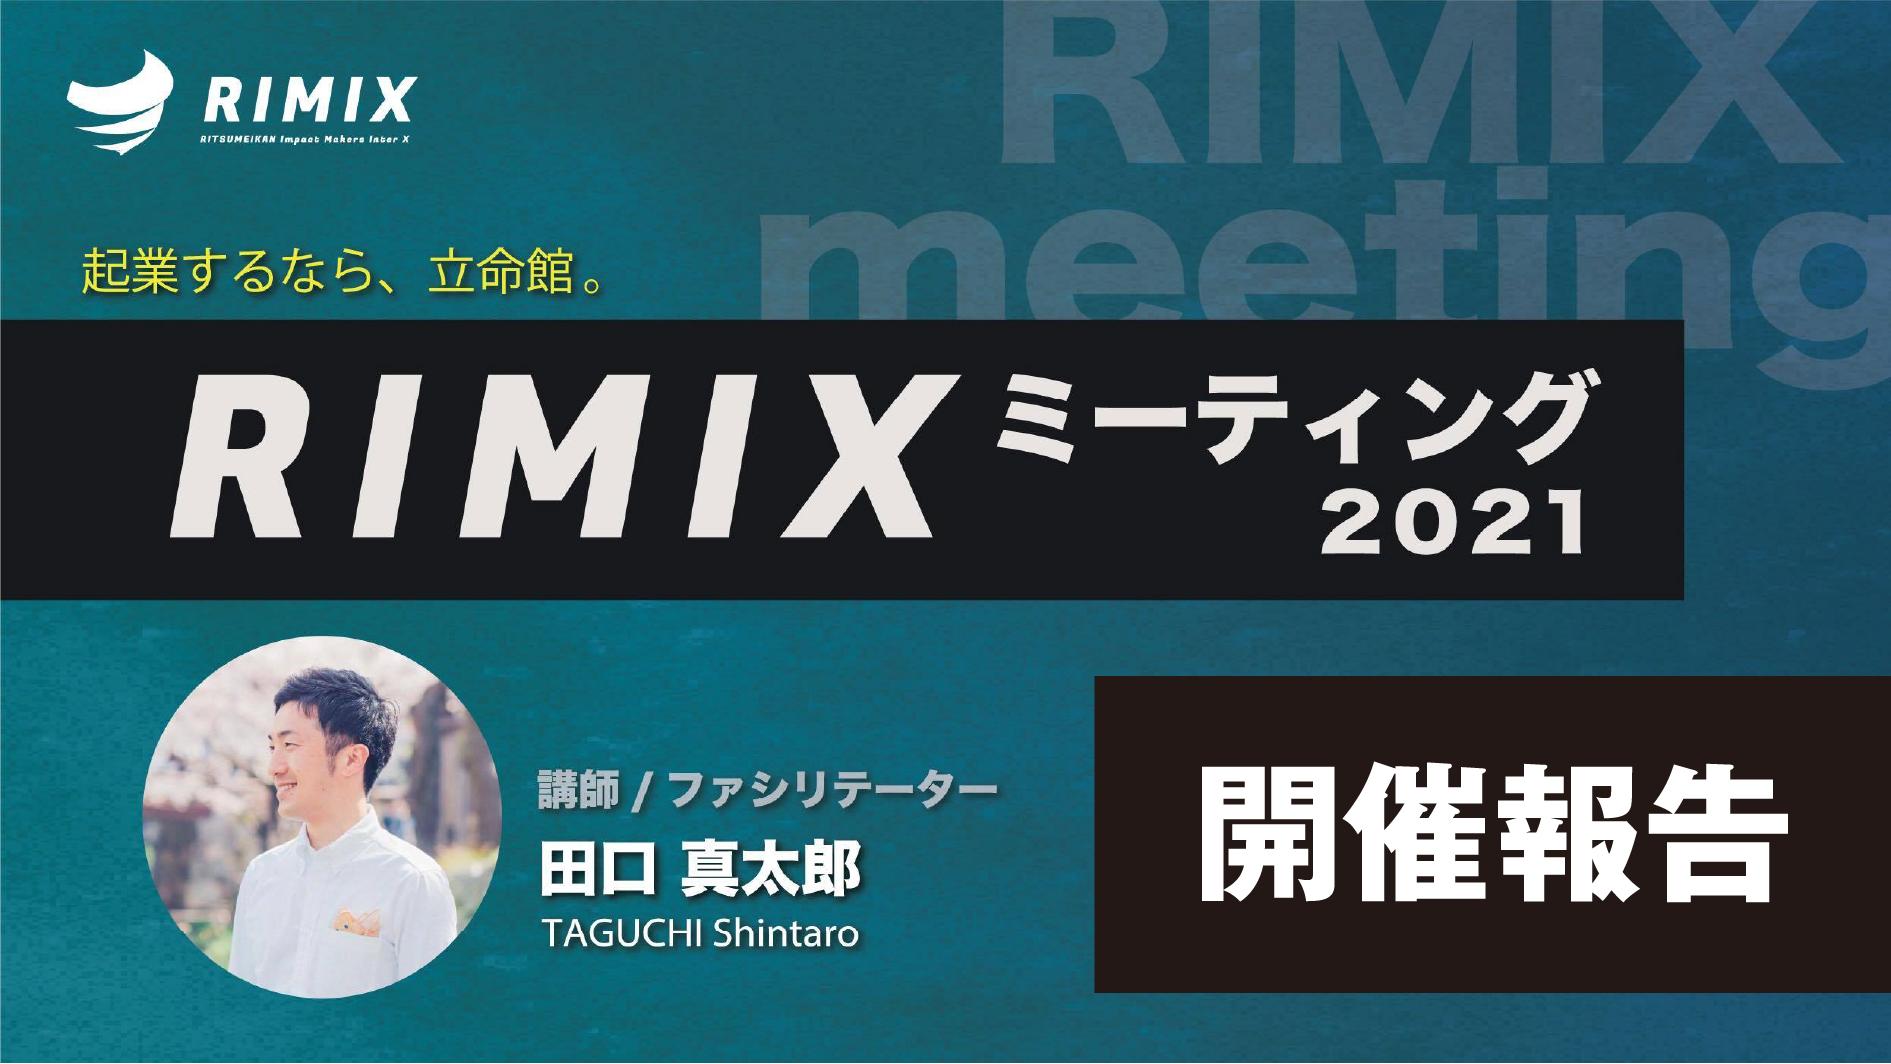 「RIMIXミーティング2021」開催のご報告